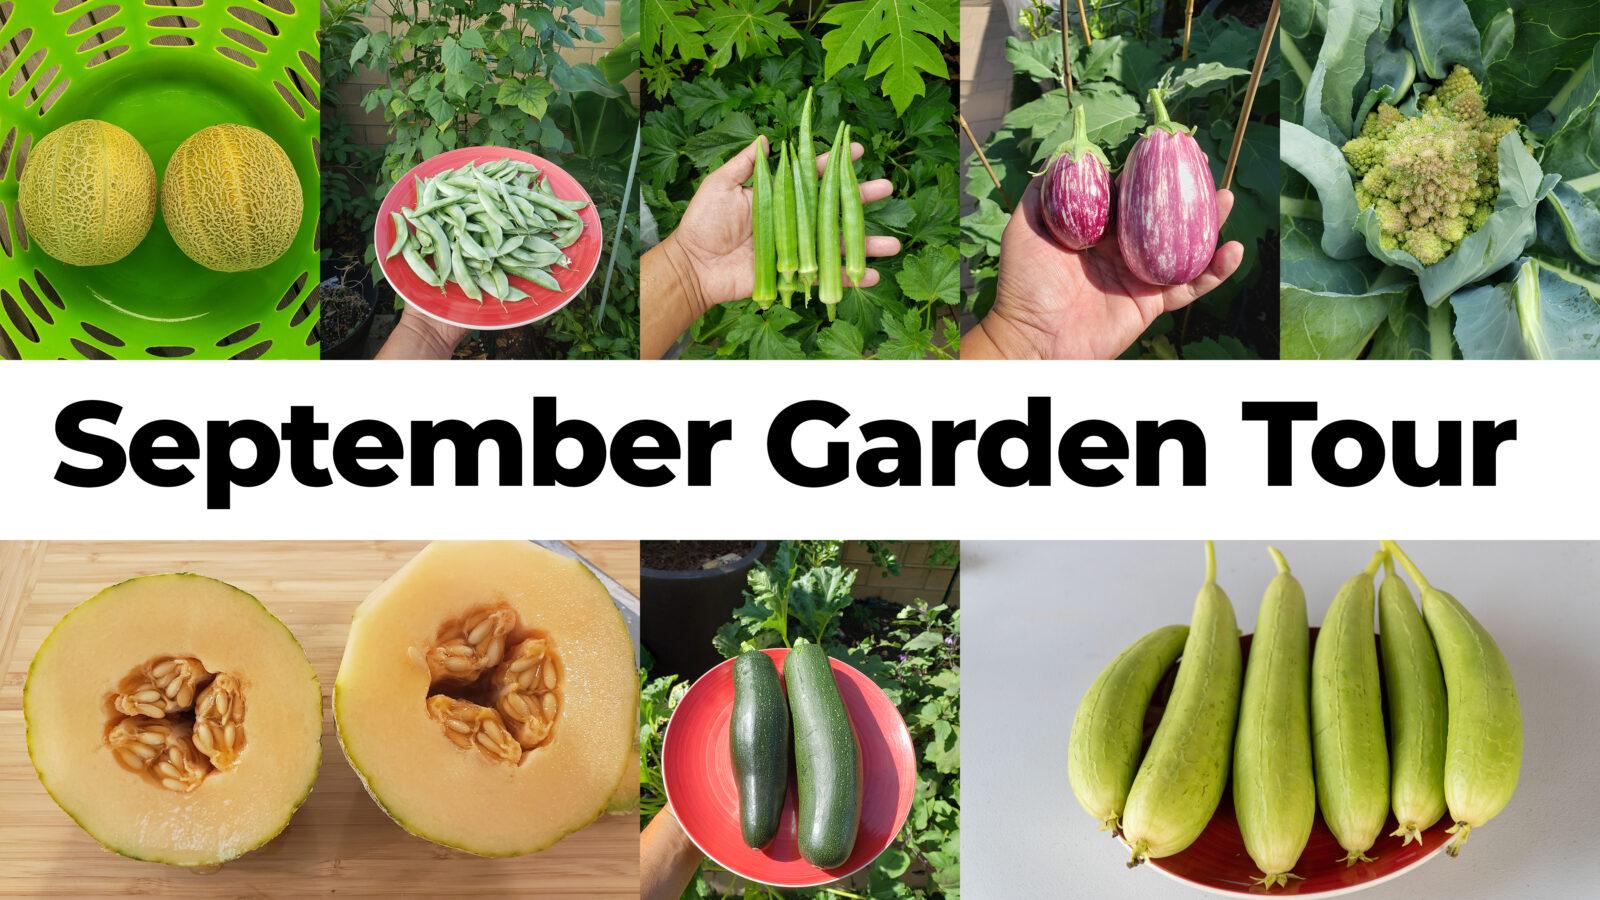 September Garden Tour 2020